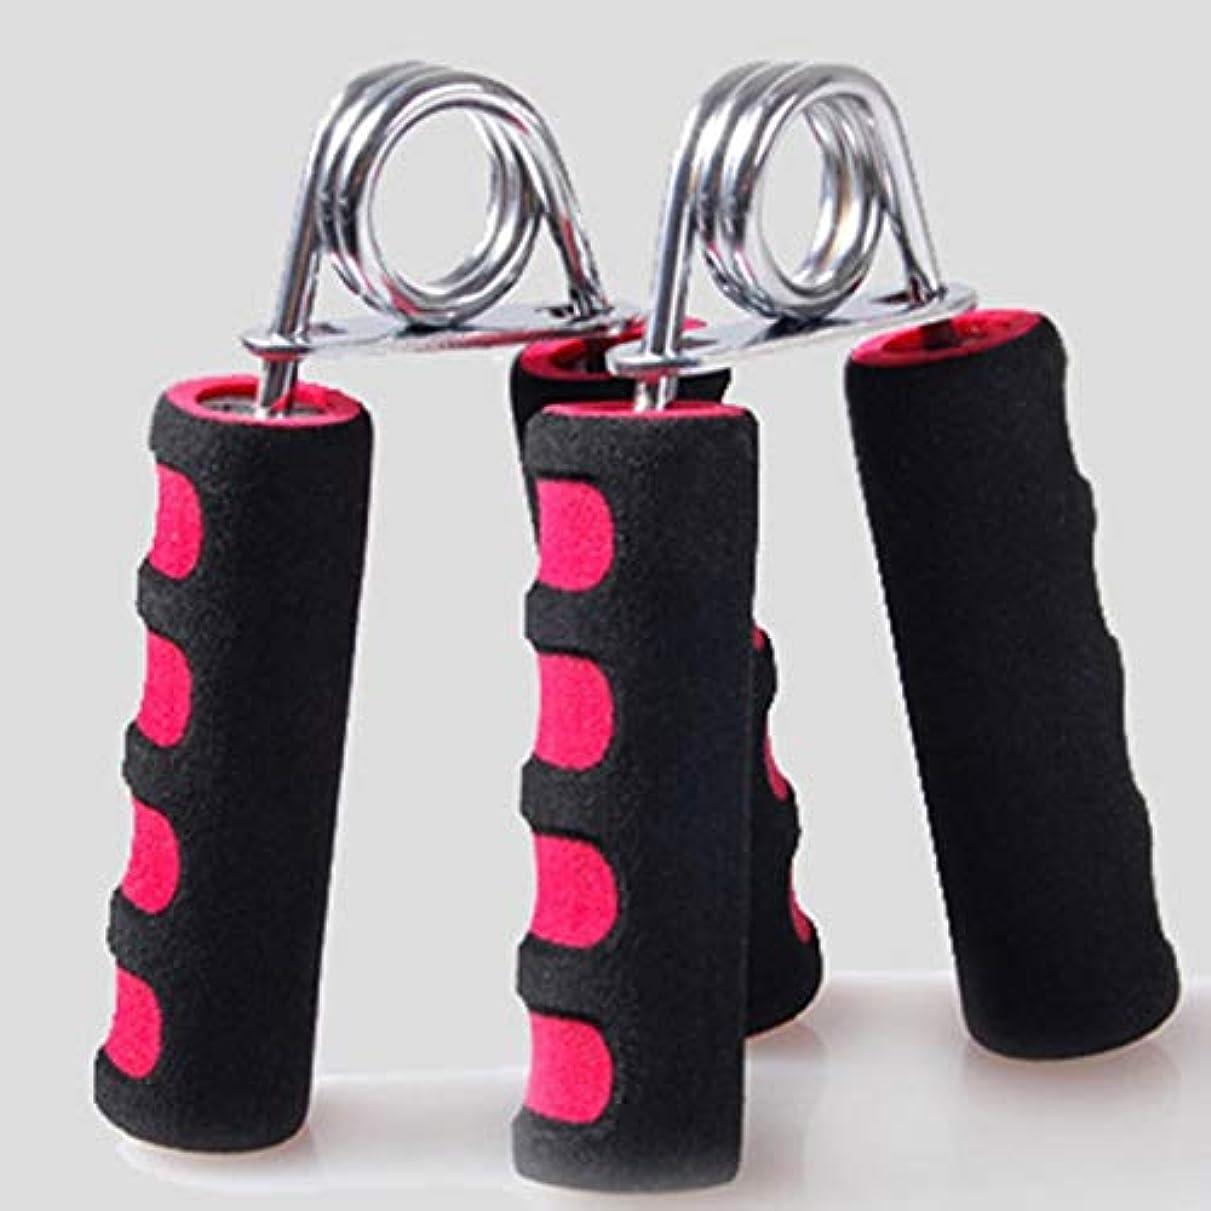 テザーバーター変な体操および毎日の練習のための手のグリッパーの腕の手首の運動者の適性のグリップの頑丈なトレーナー